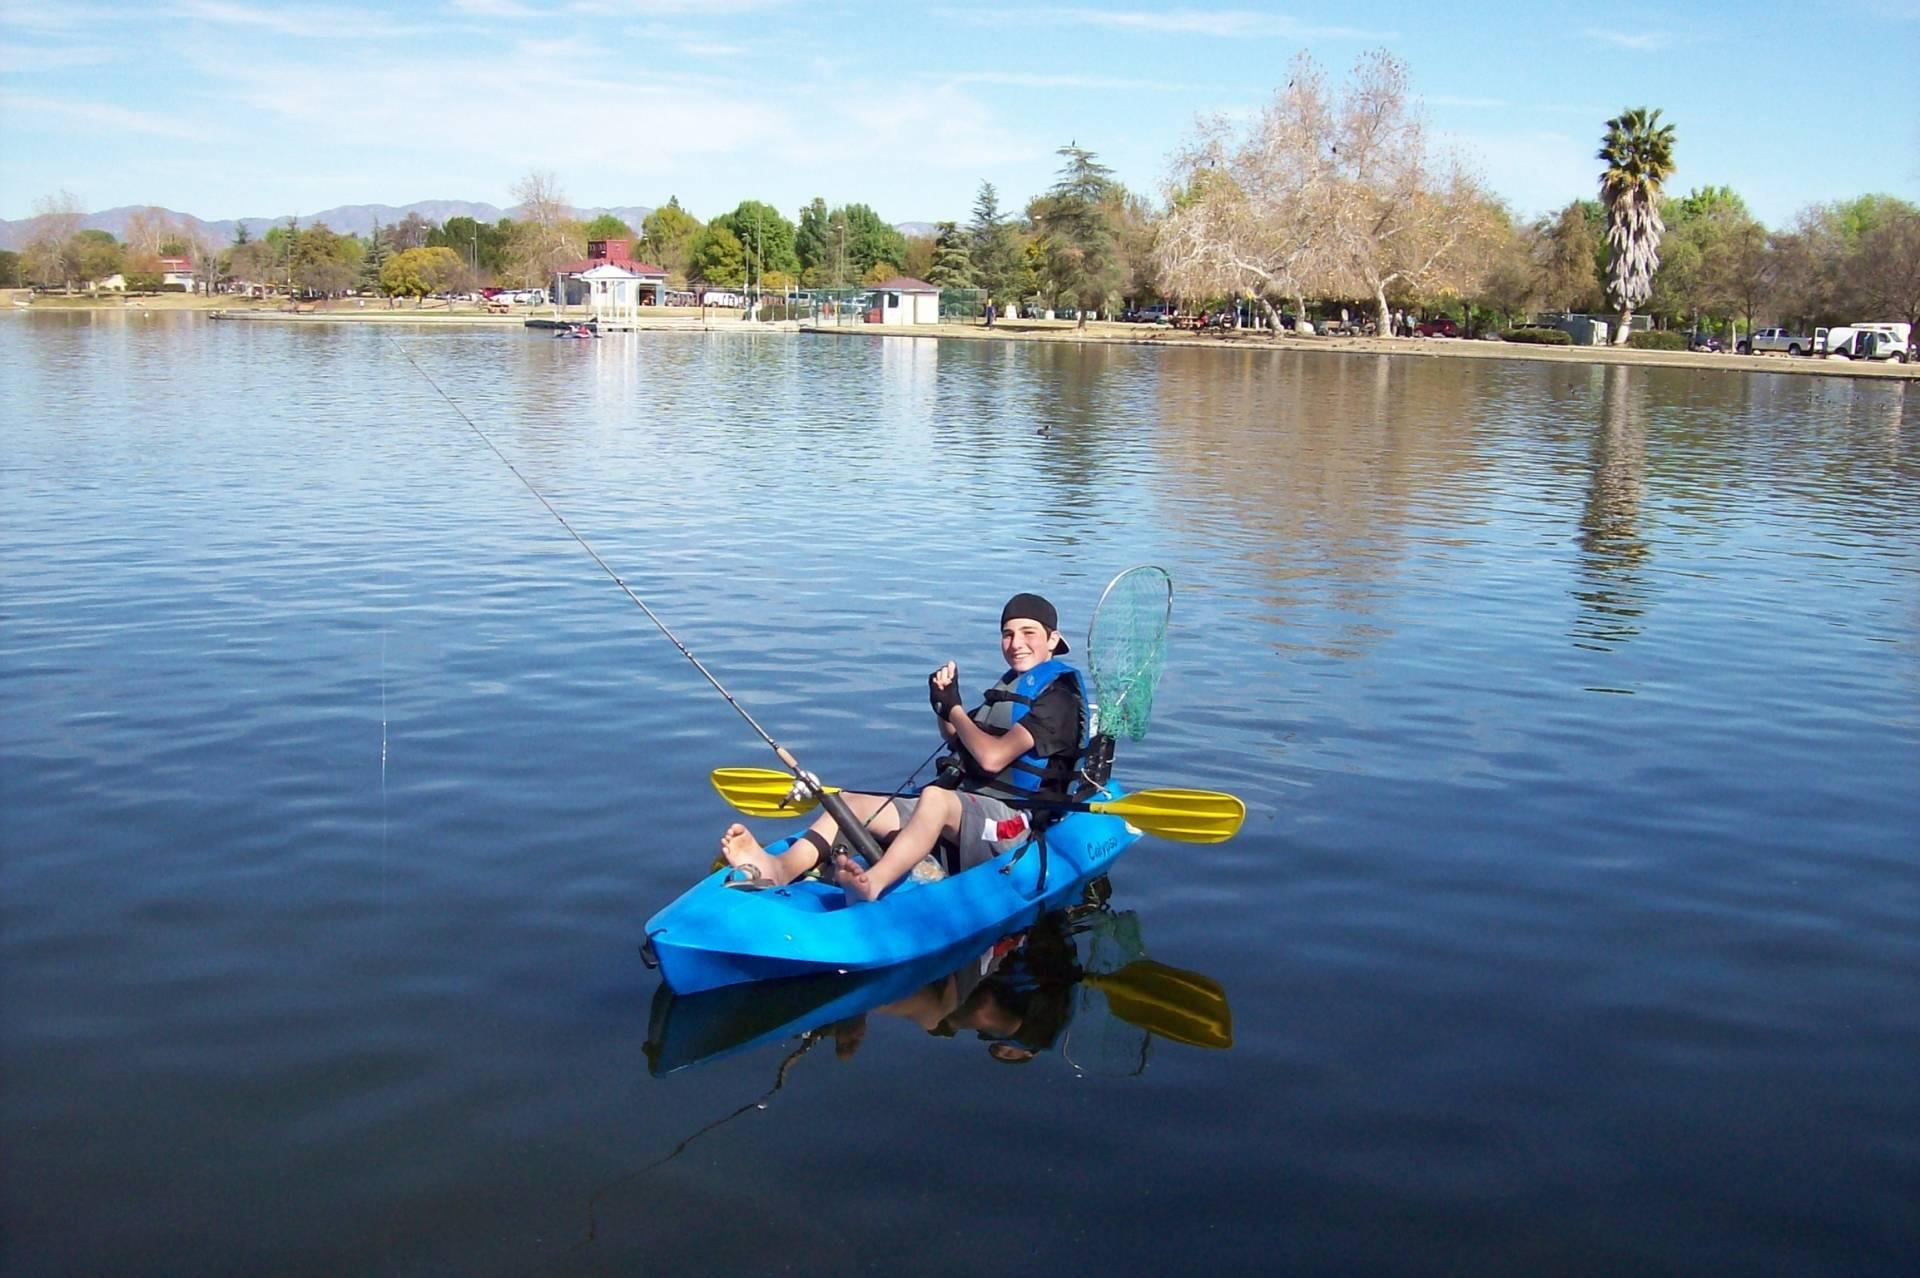 Kayak fishing in lake balboa bloodydecks for Balboa lake fishing